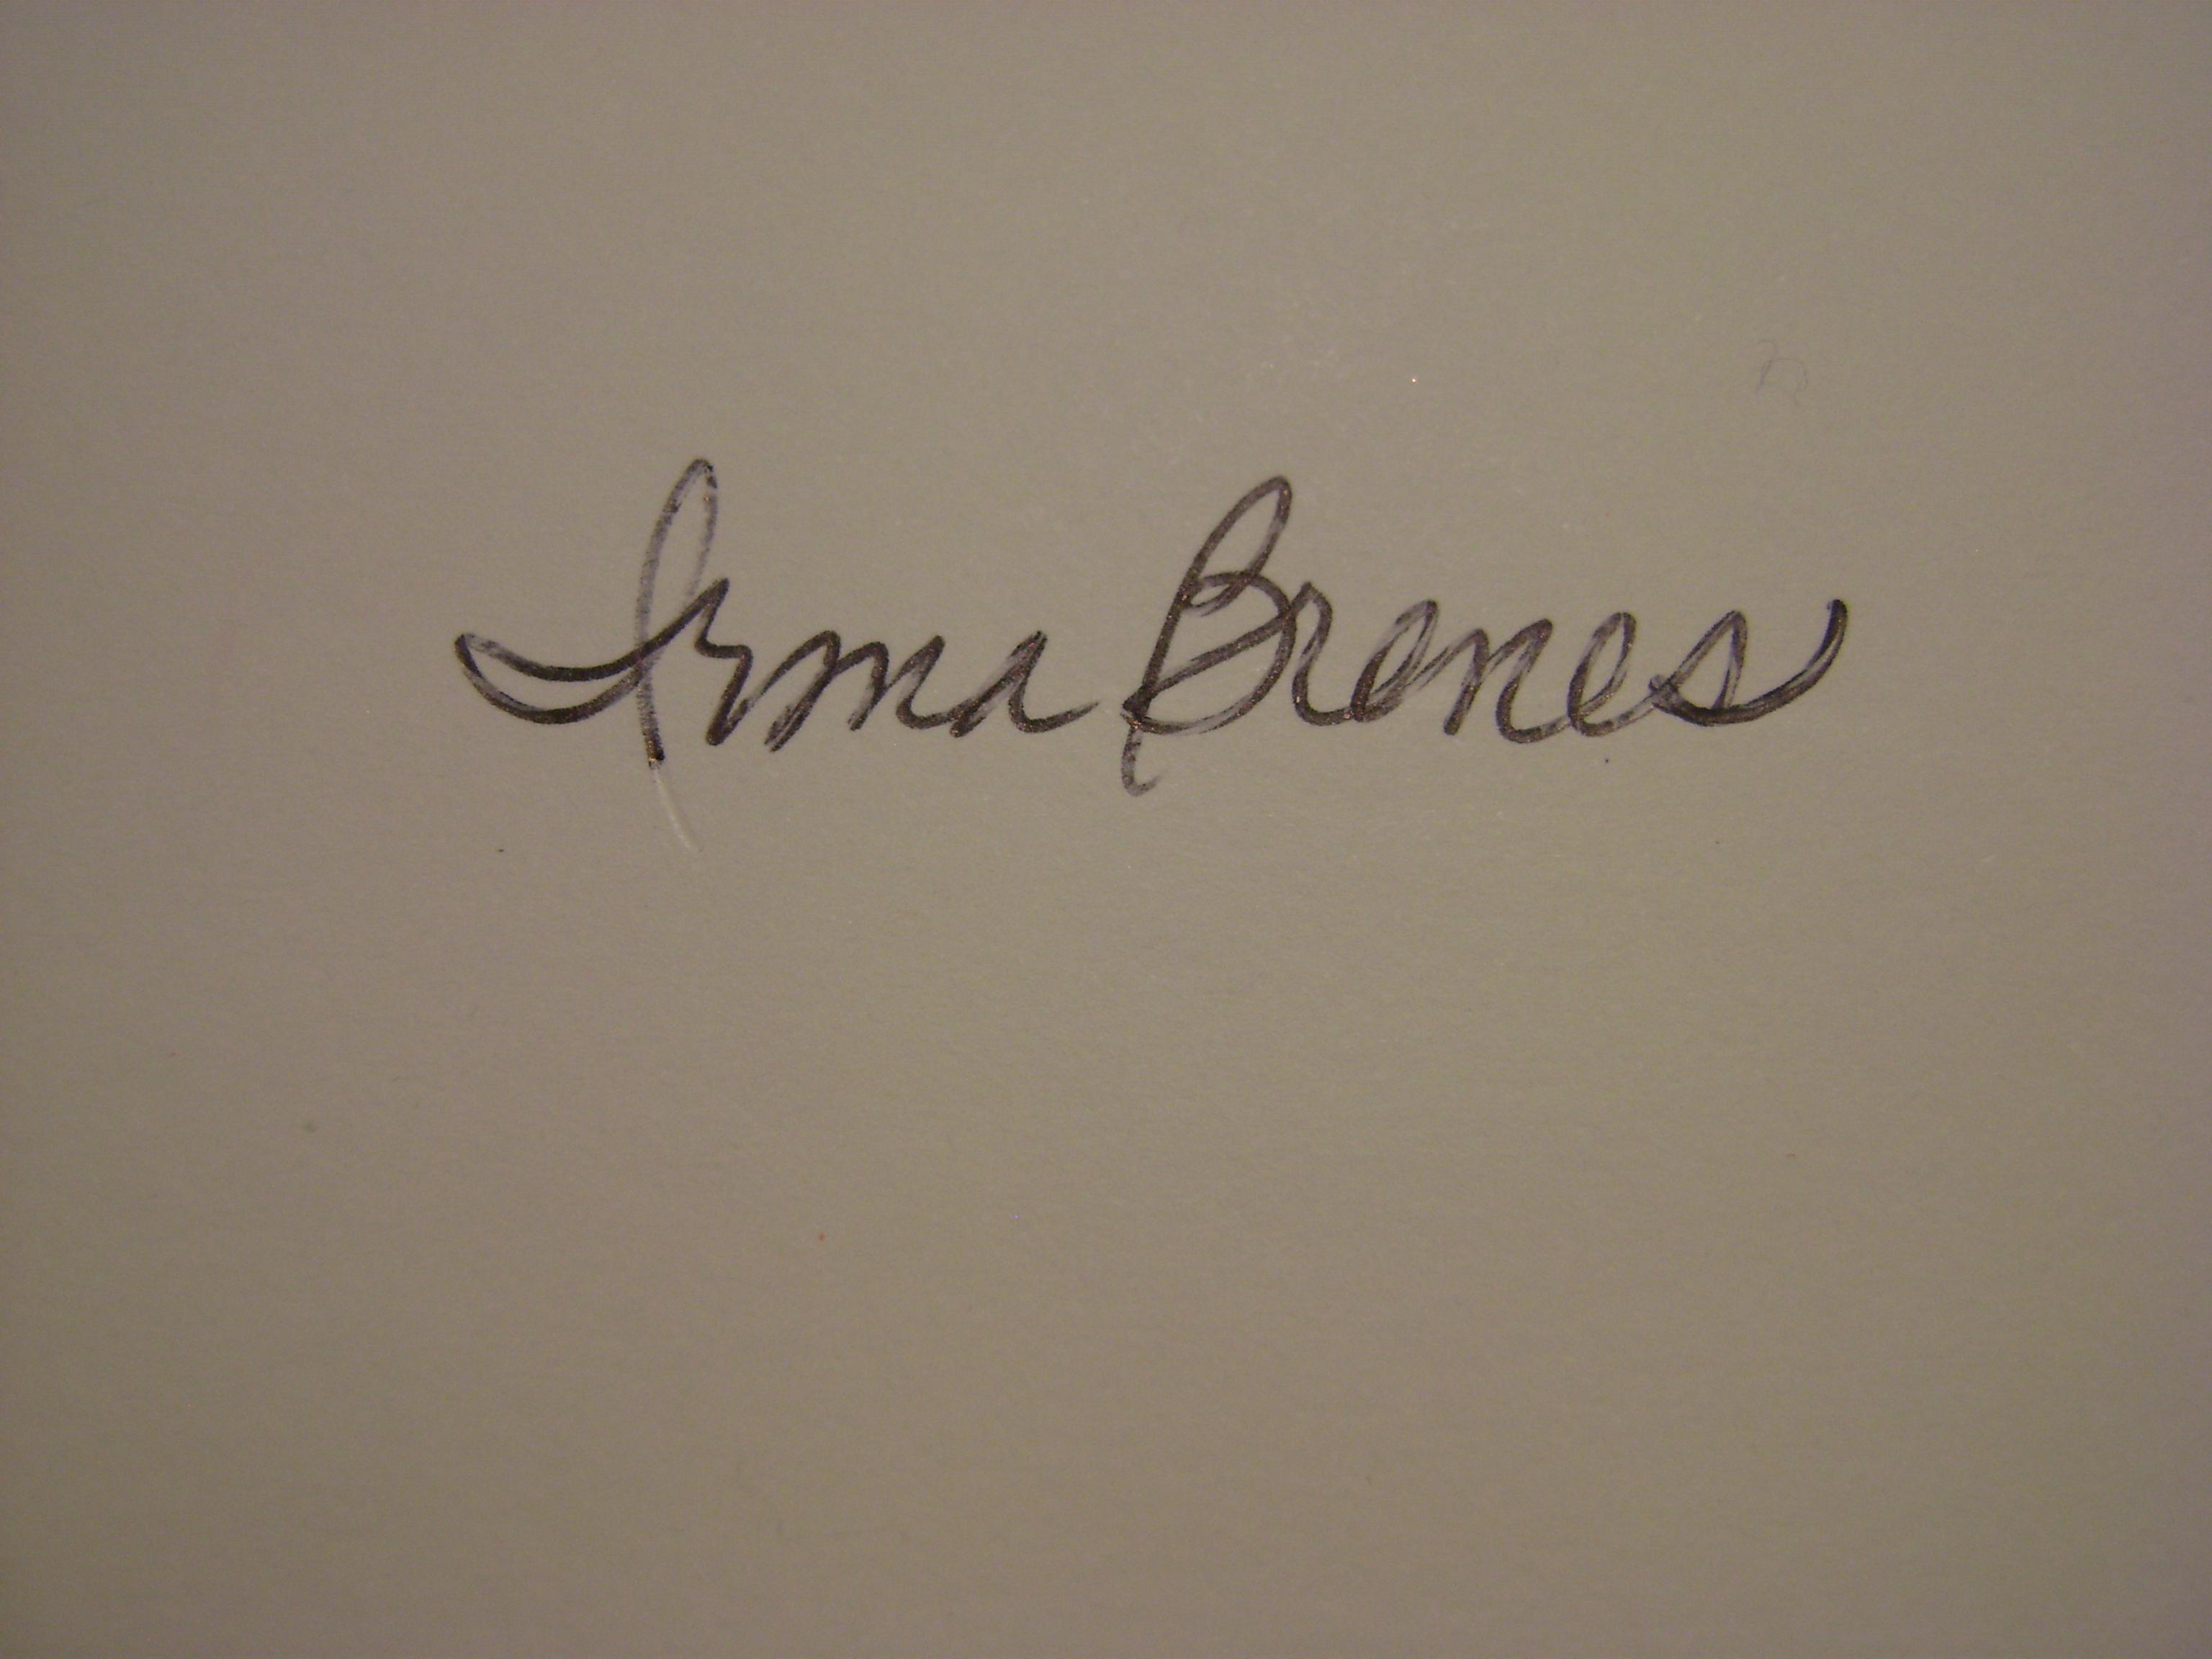 Irma Brenes Signature